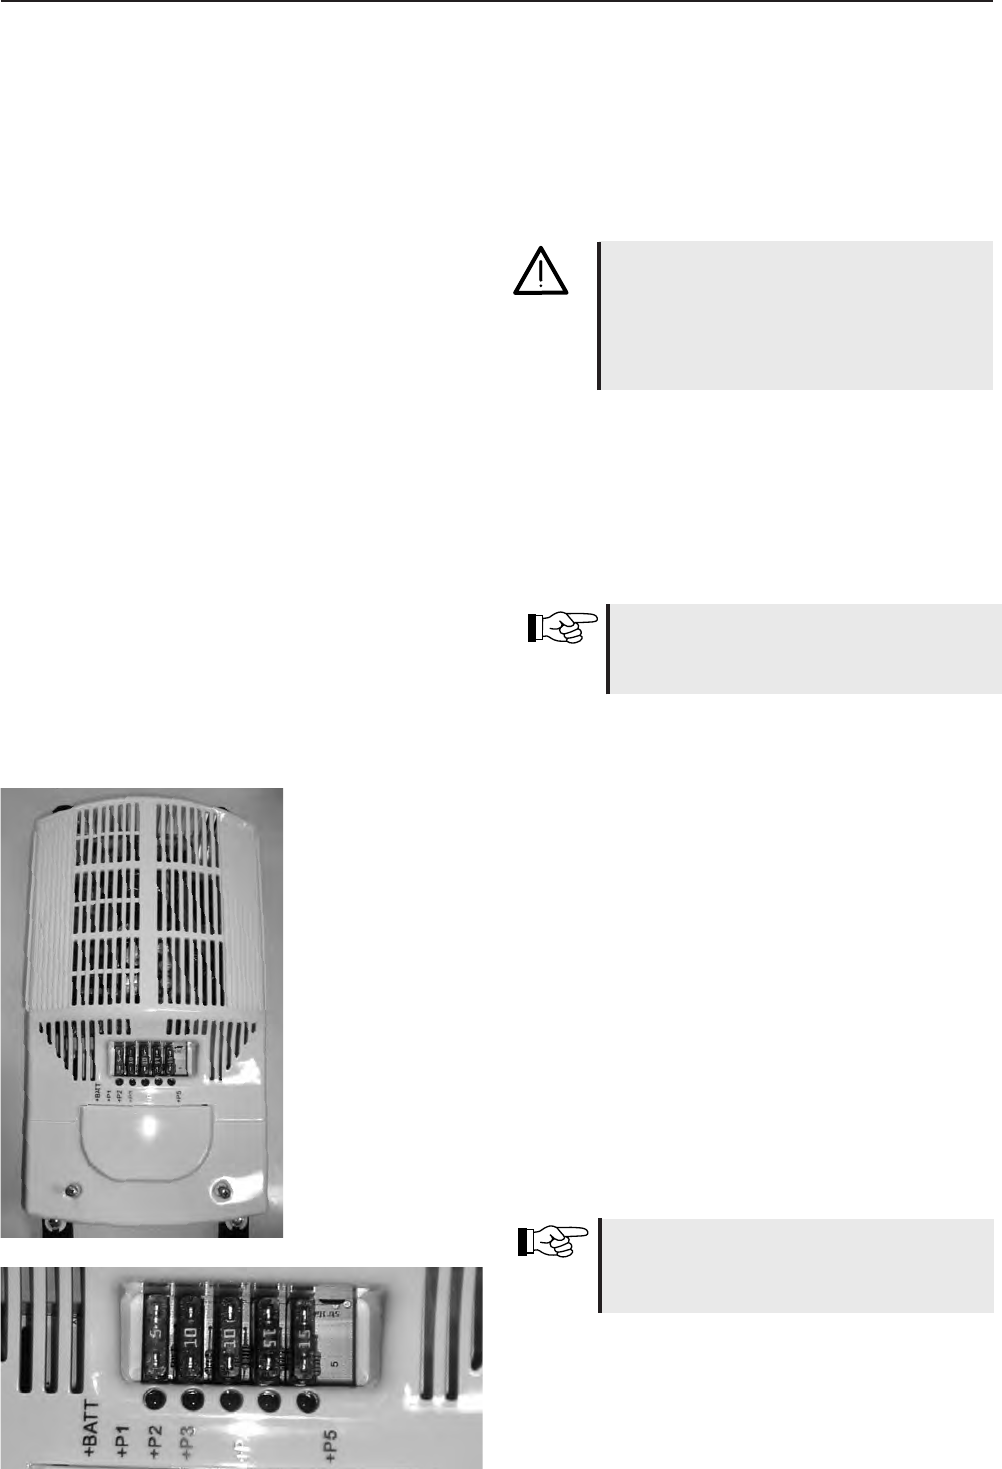 7 Polige Stekker Ombouwen Naar 13 Polig.Handleiding Fendt Saphir Pagina 66 Van 118 Nederlands